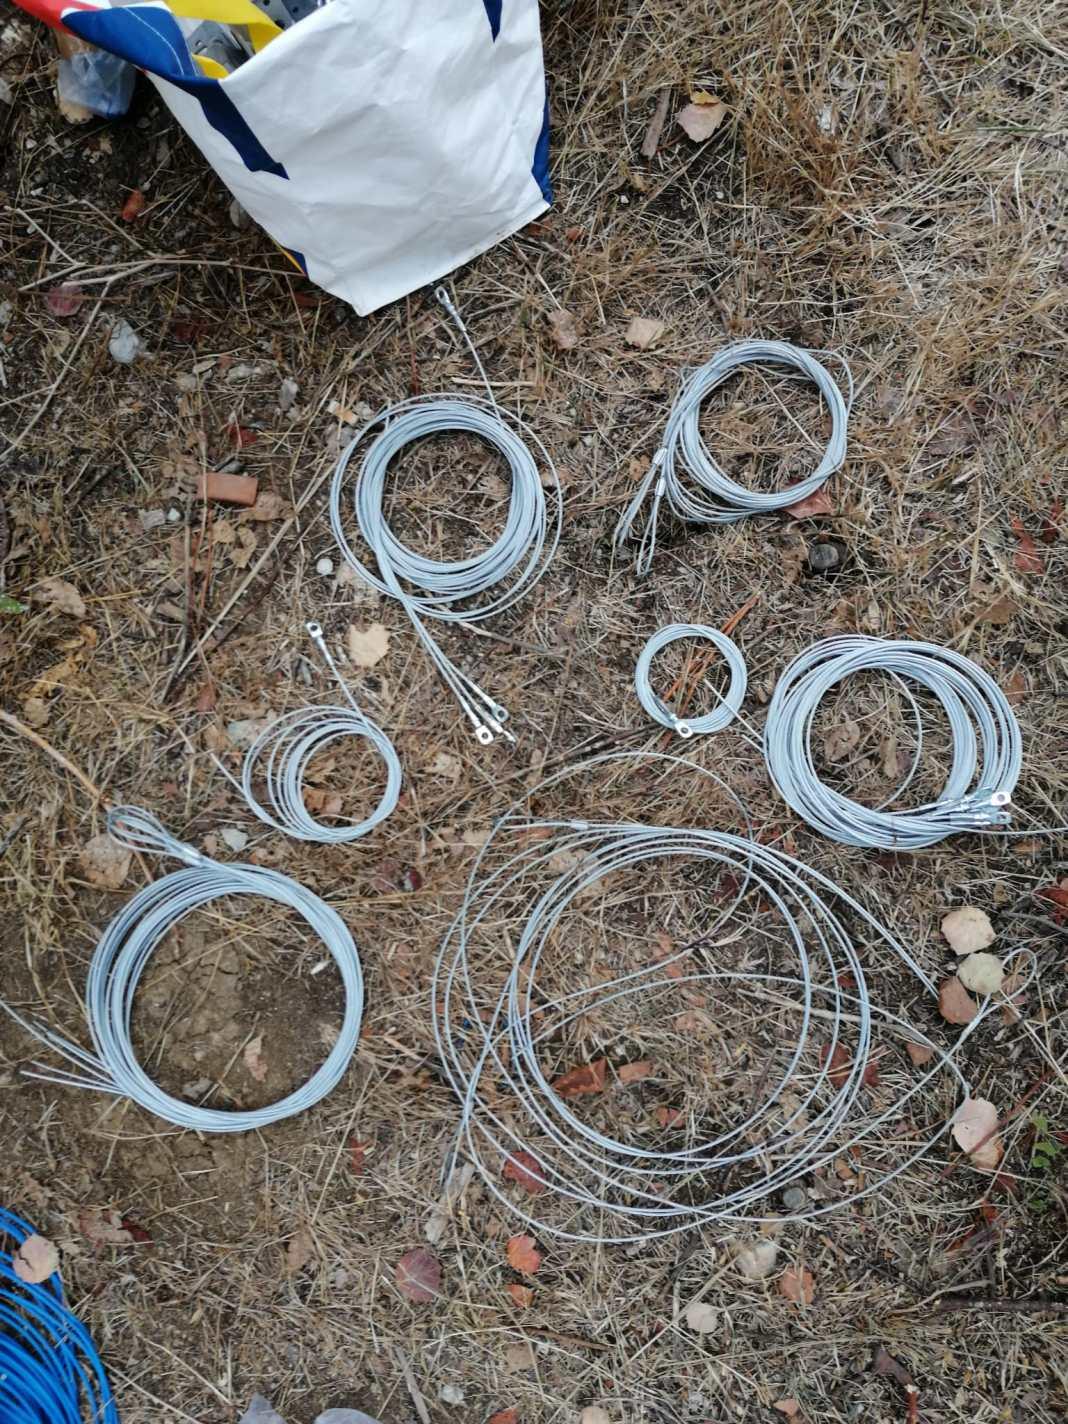 În urma perchezițiilor au fost identificate și ridicate 32 de capcane neautorizate - tip laț